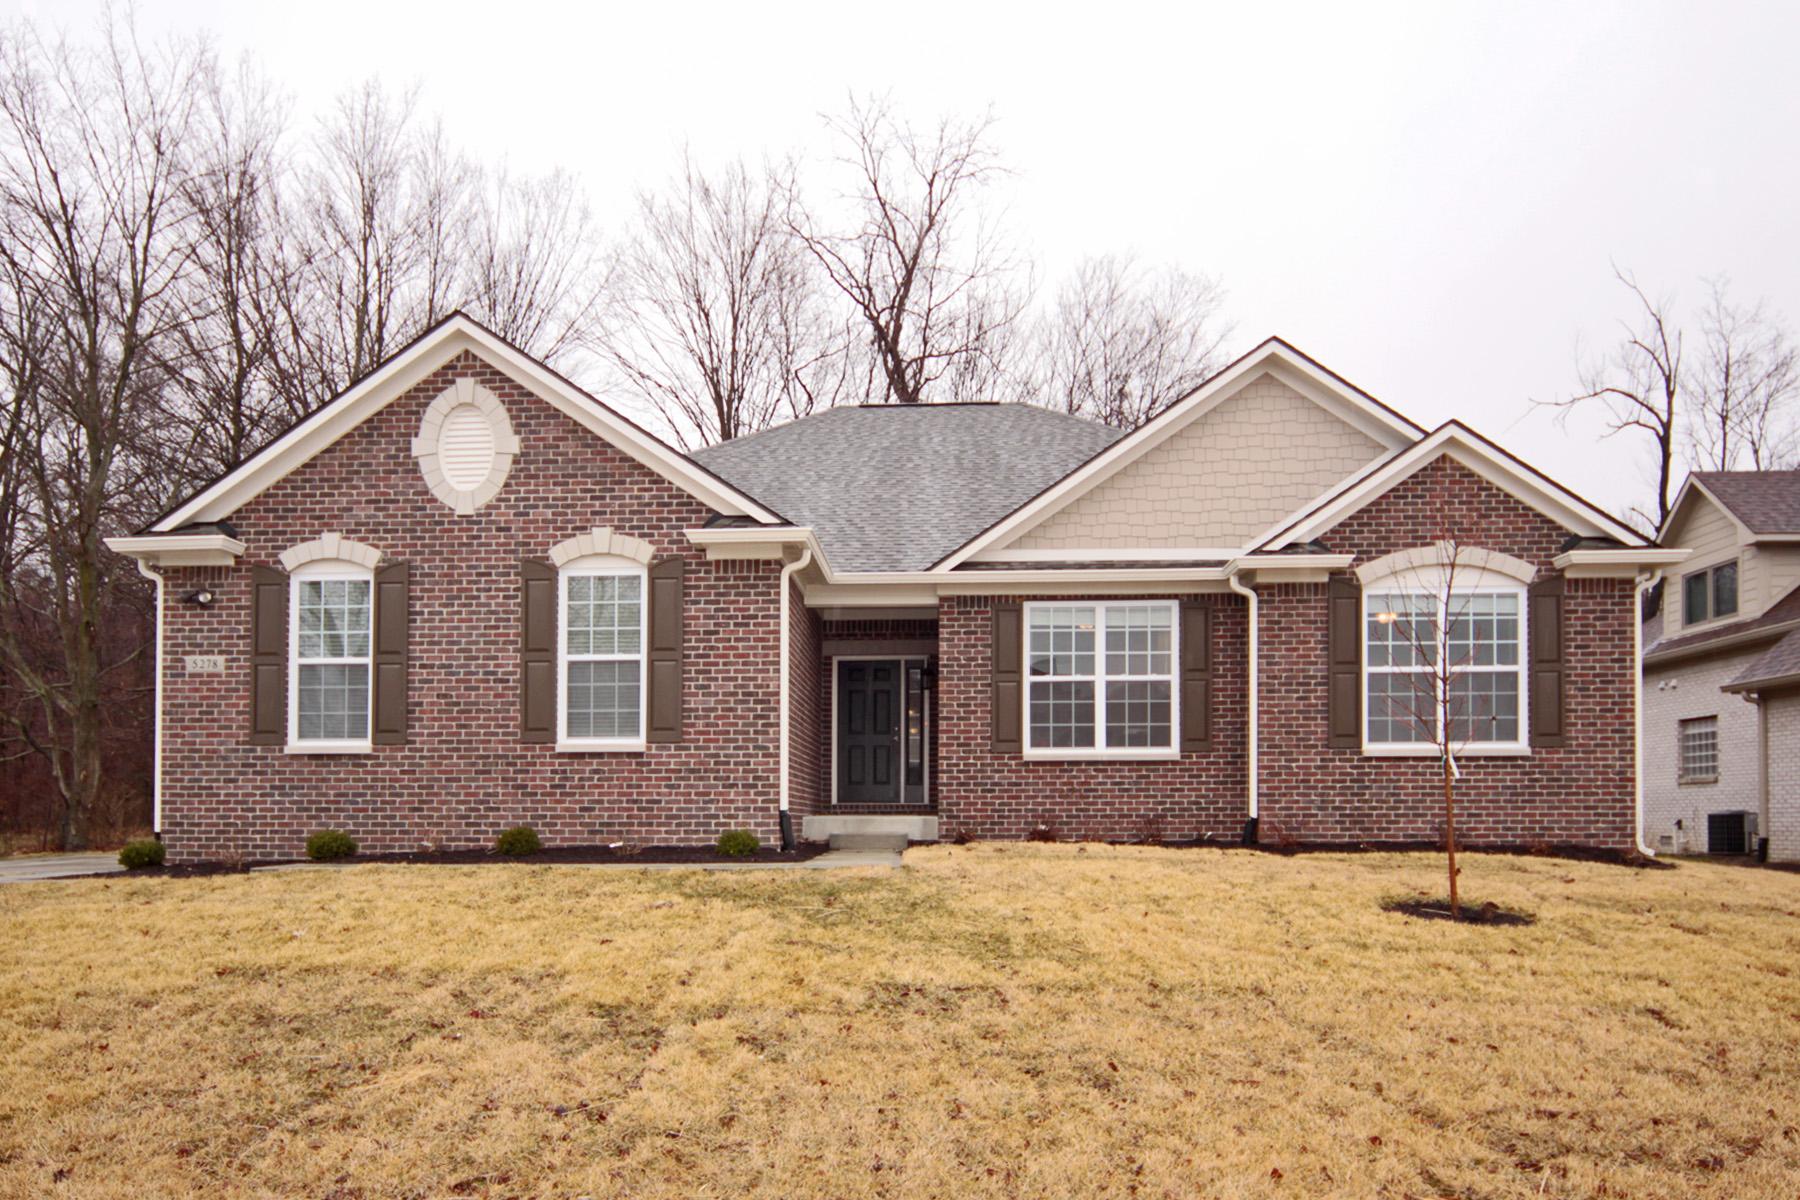 5278 Breccia Dr, Plainfield, Indiana 46168